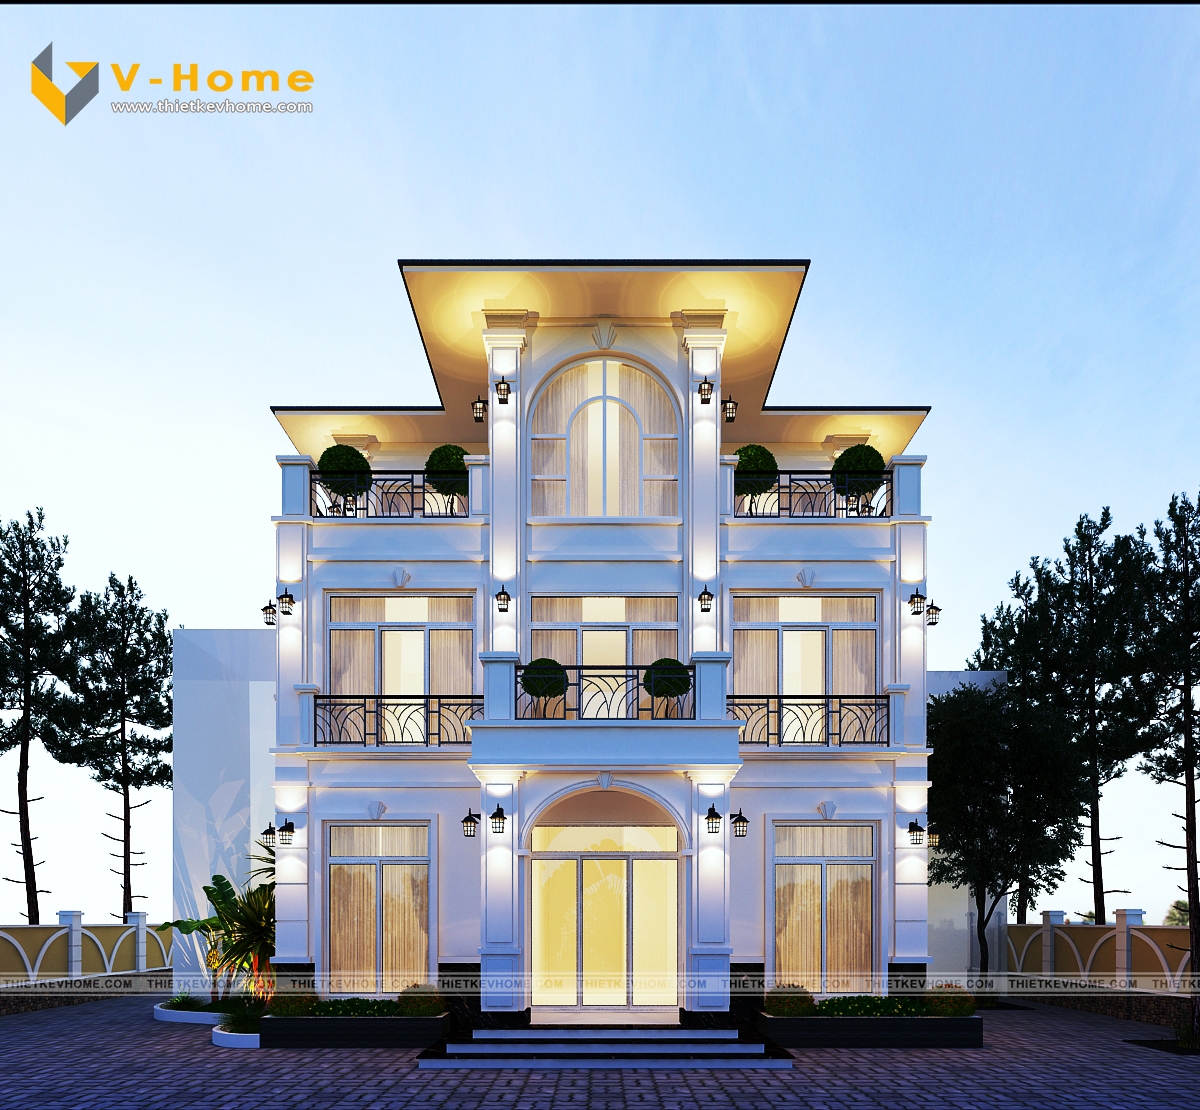 thiết kế kiến trúc ngoại thất biệt thự bạch Đằng, hai bà trưng Thiết kế kiến trúc ngoại thất biệt thự Bạch Đằng, Hai Bà Trưng thiet ke kien truc biet thu tan co dien 5